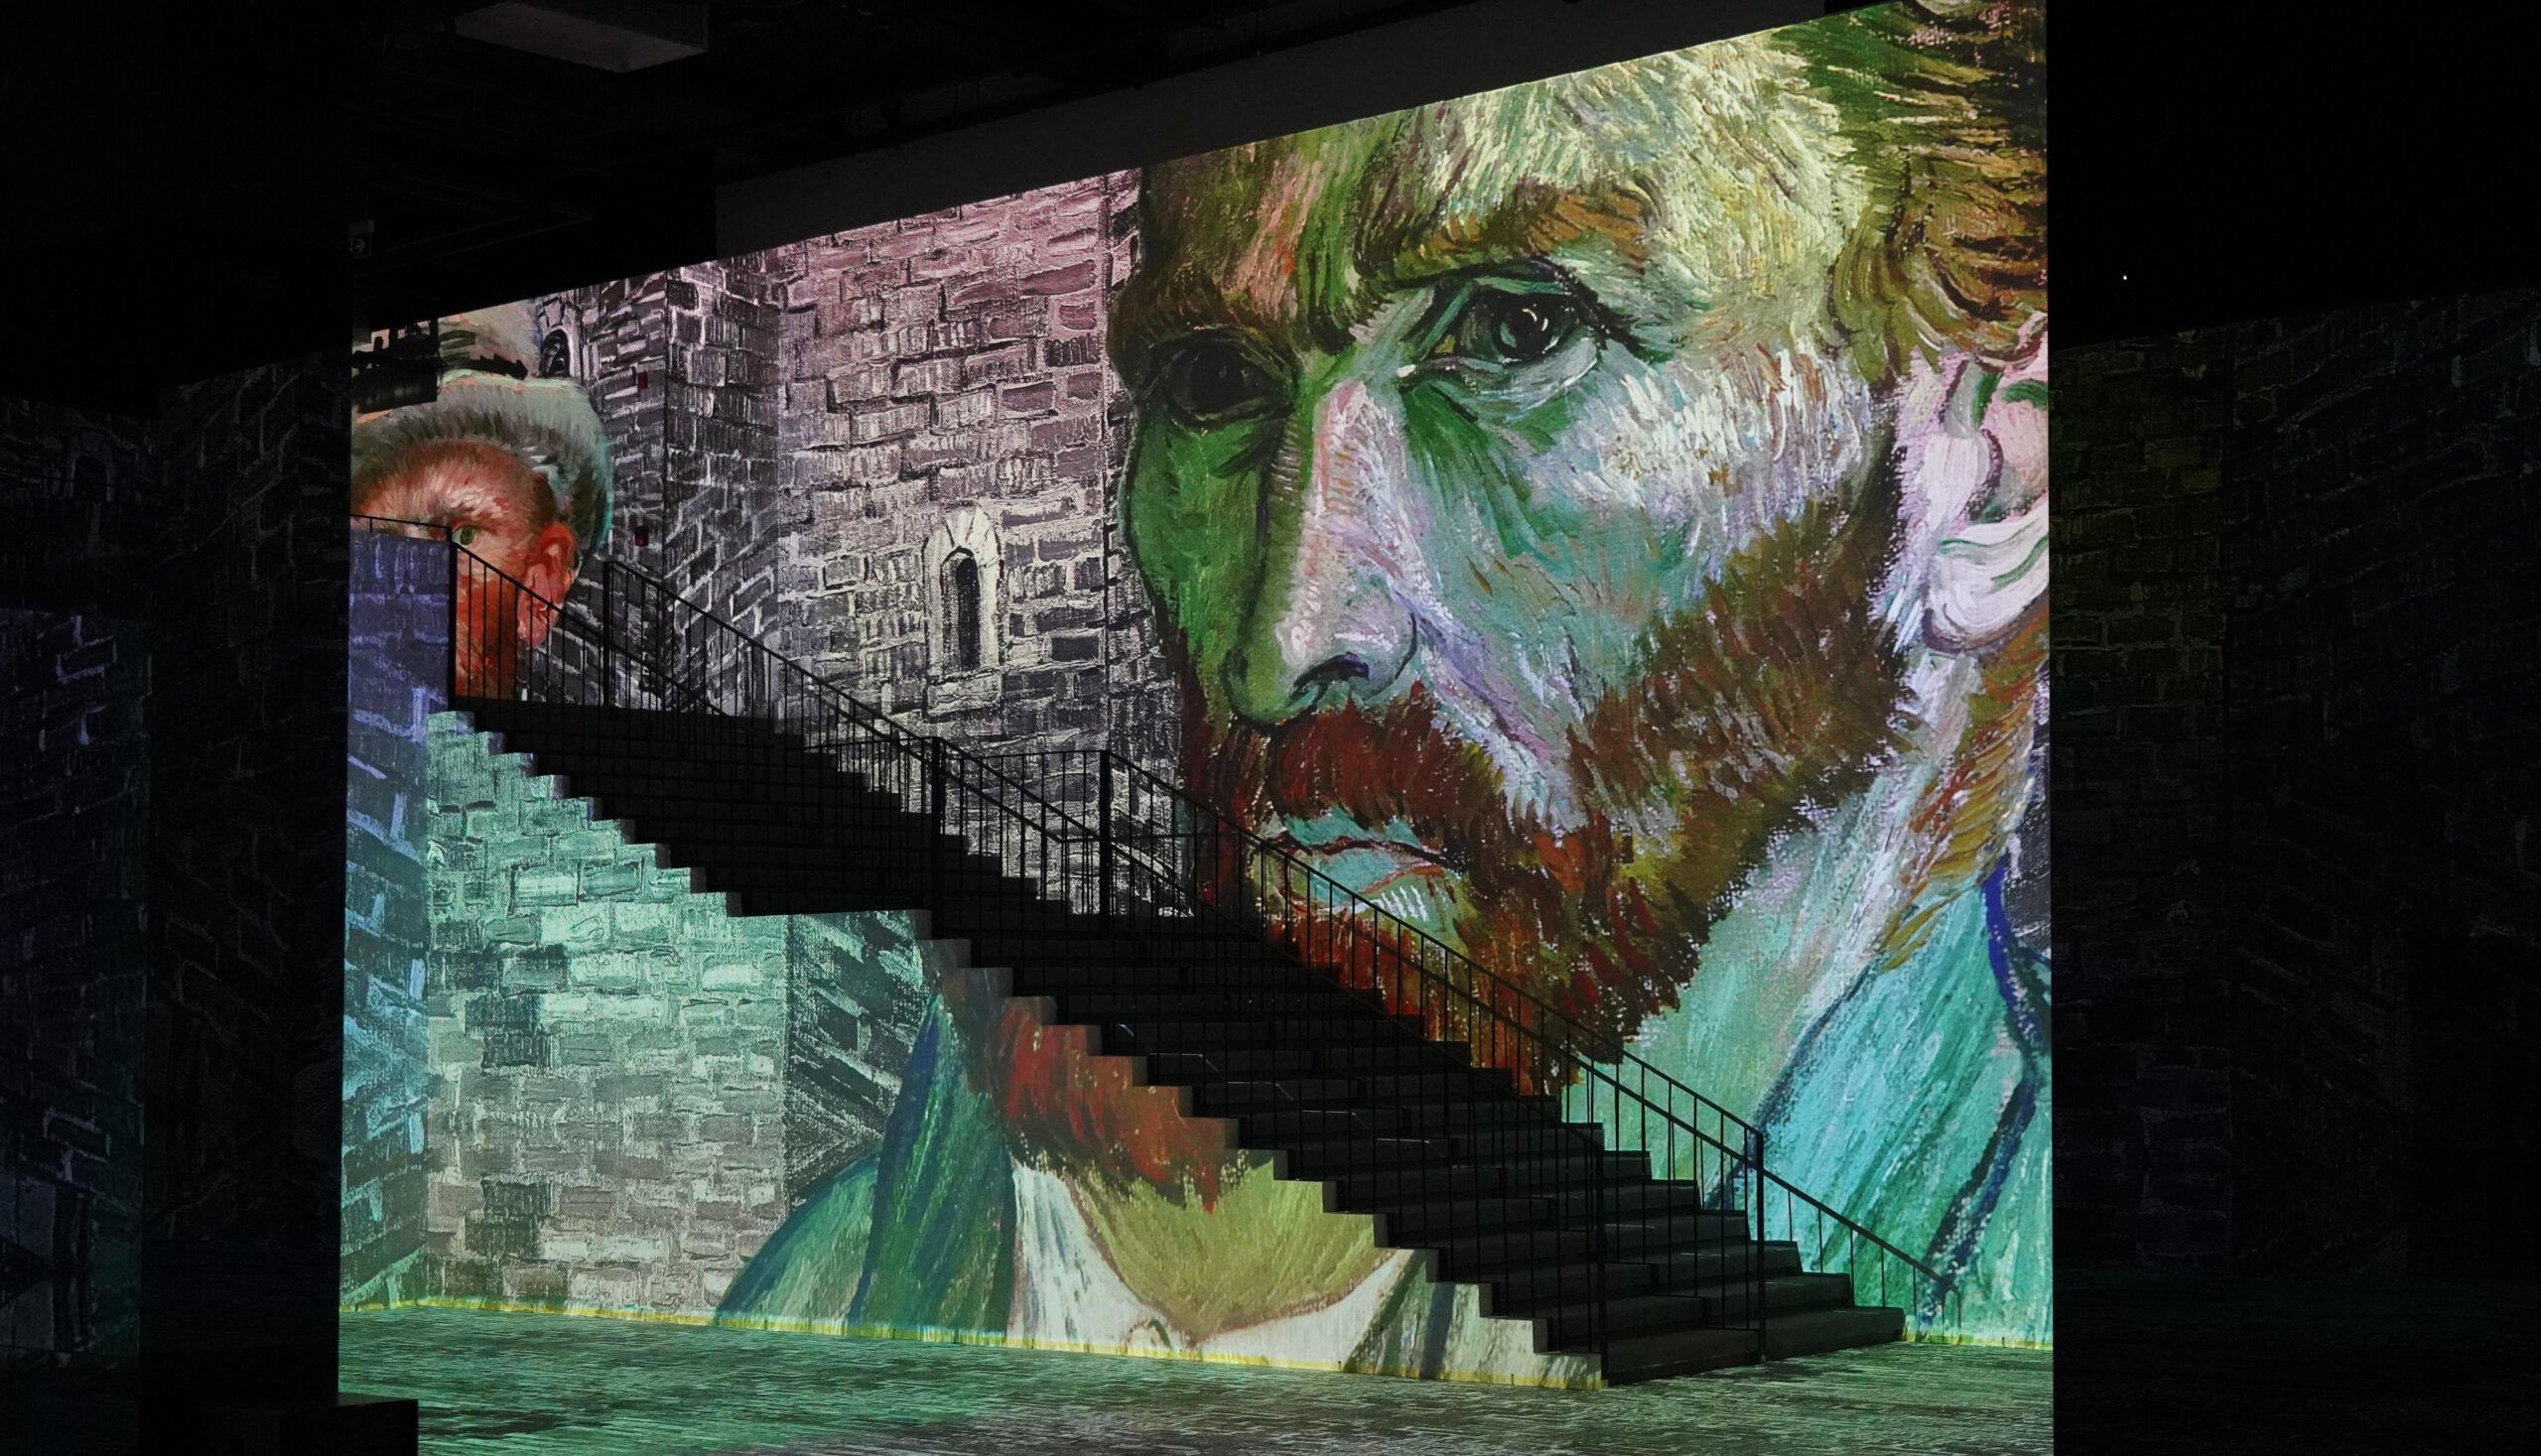 Van Gogh (4) Van Gogh (1)-Van Gogh (2)-Van Gogh (3)-Infinity Des Lumières in Dubai